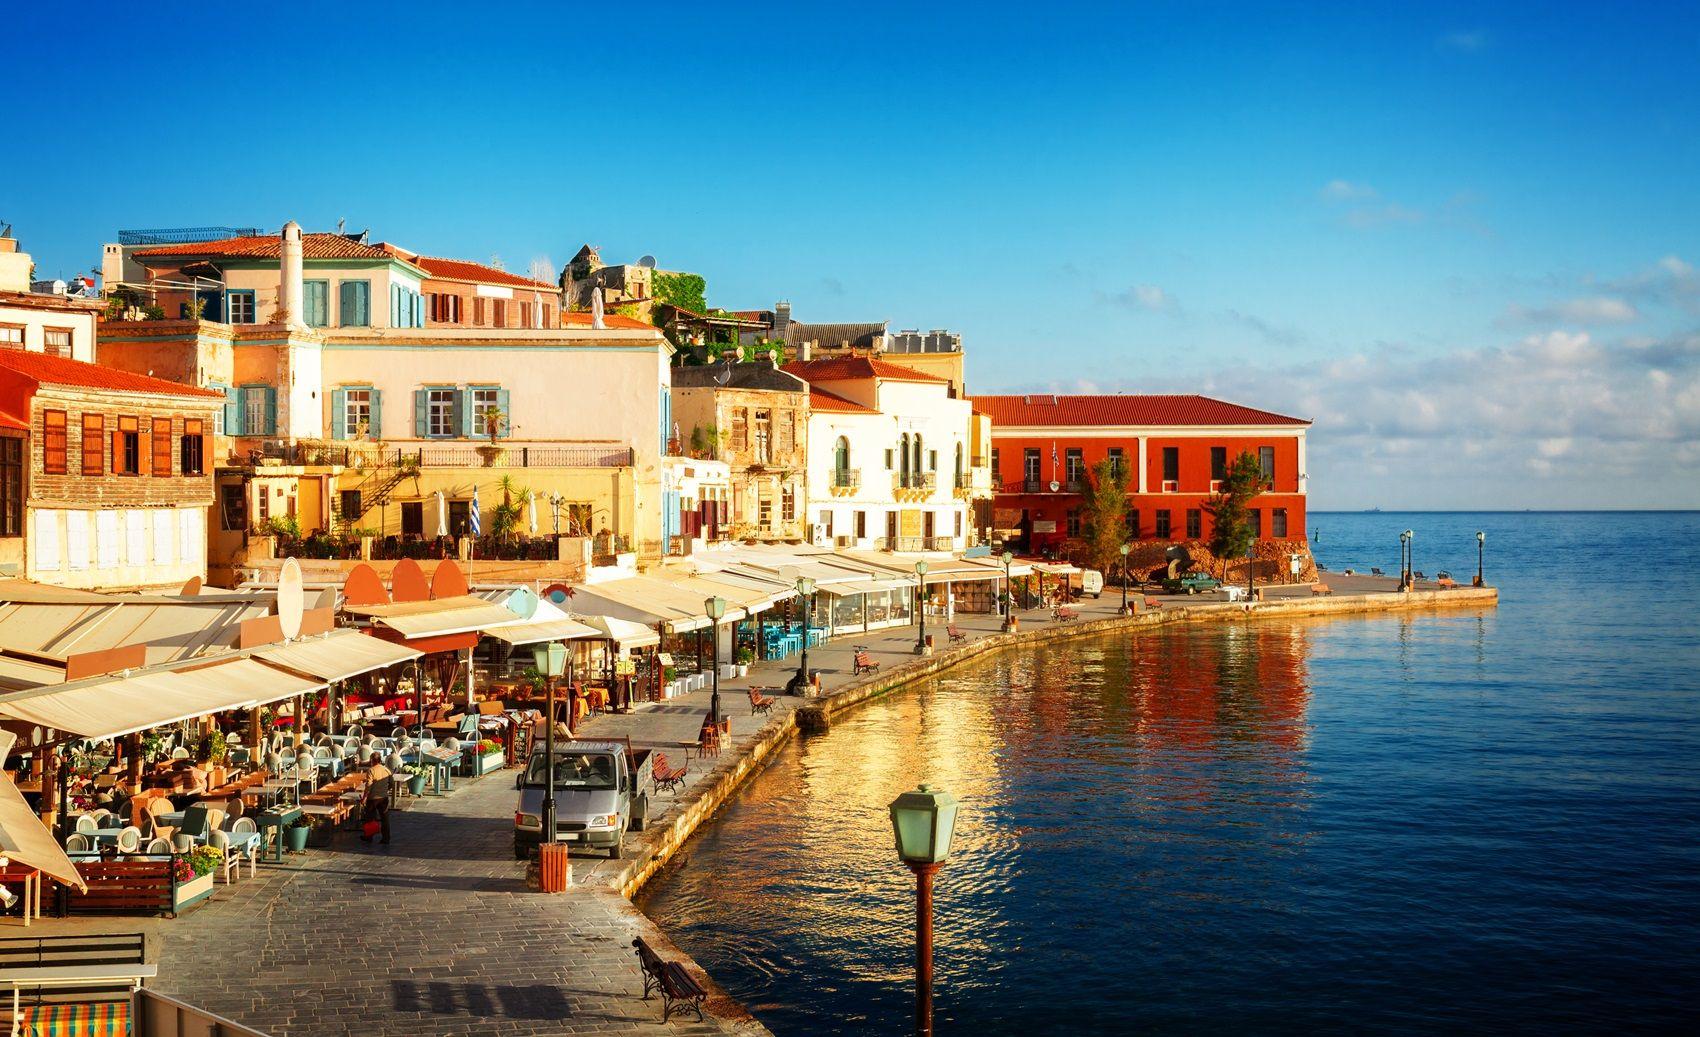 kreta sehenswürdigkeiten karte Kreta Sehenswürdigkeiten: 11 Top Highlights für Touristen  2019